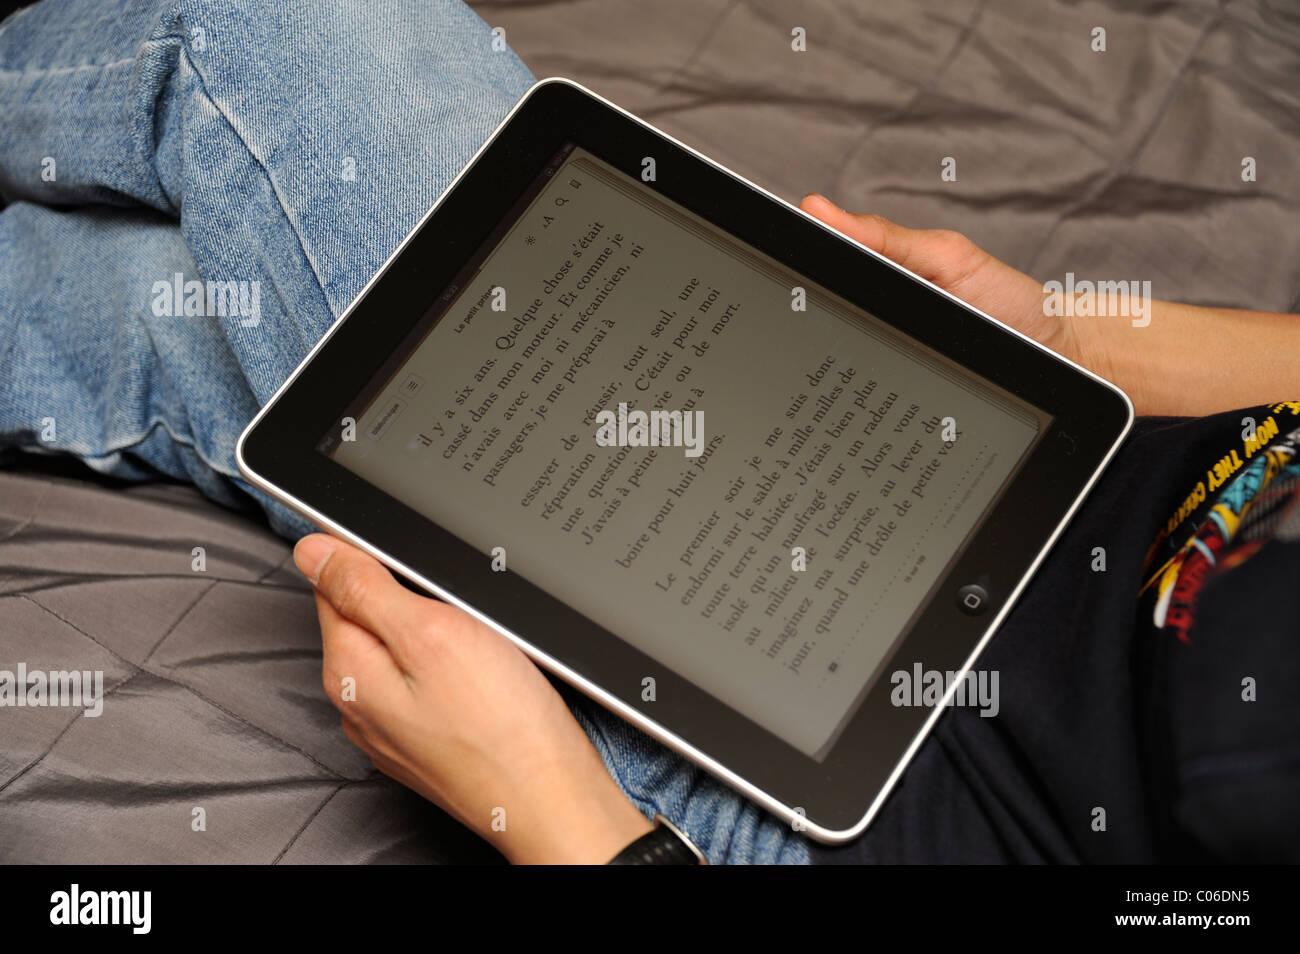 Ibook Stock Photos & Ibook Stock Images - Alamy